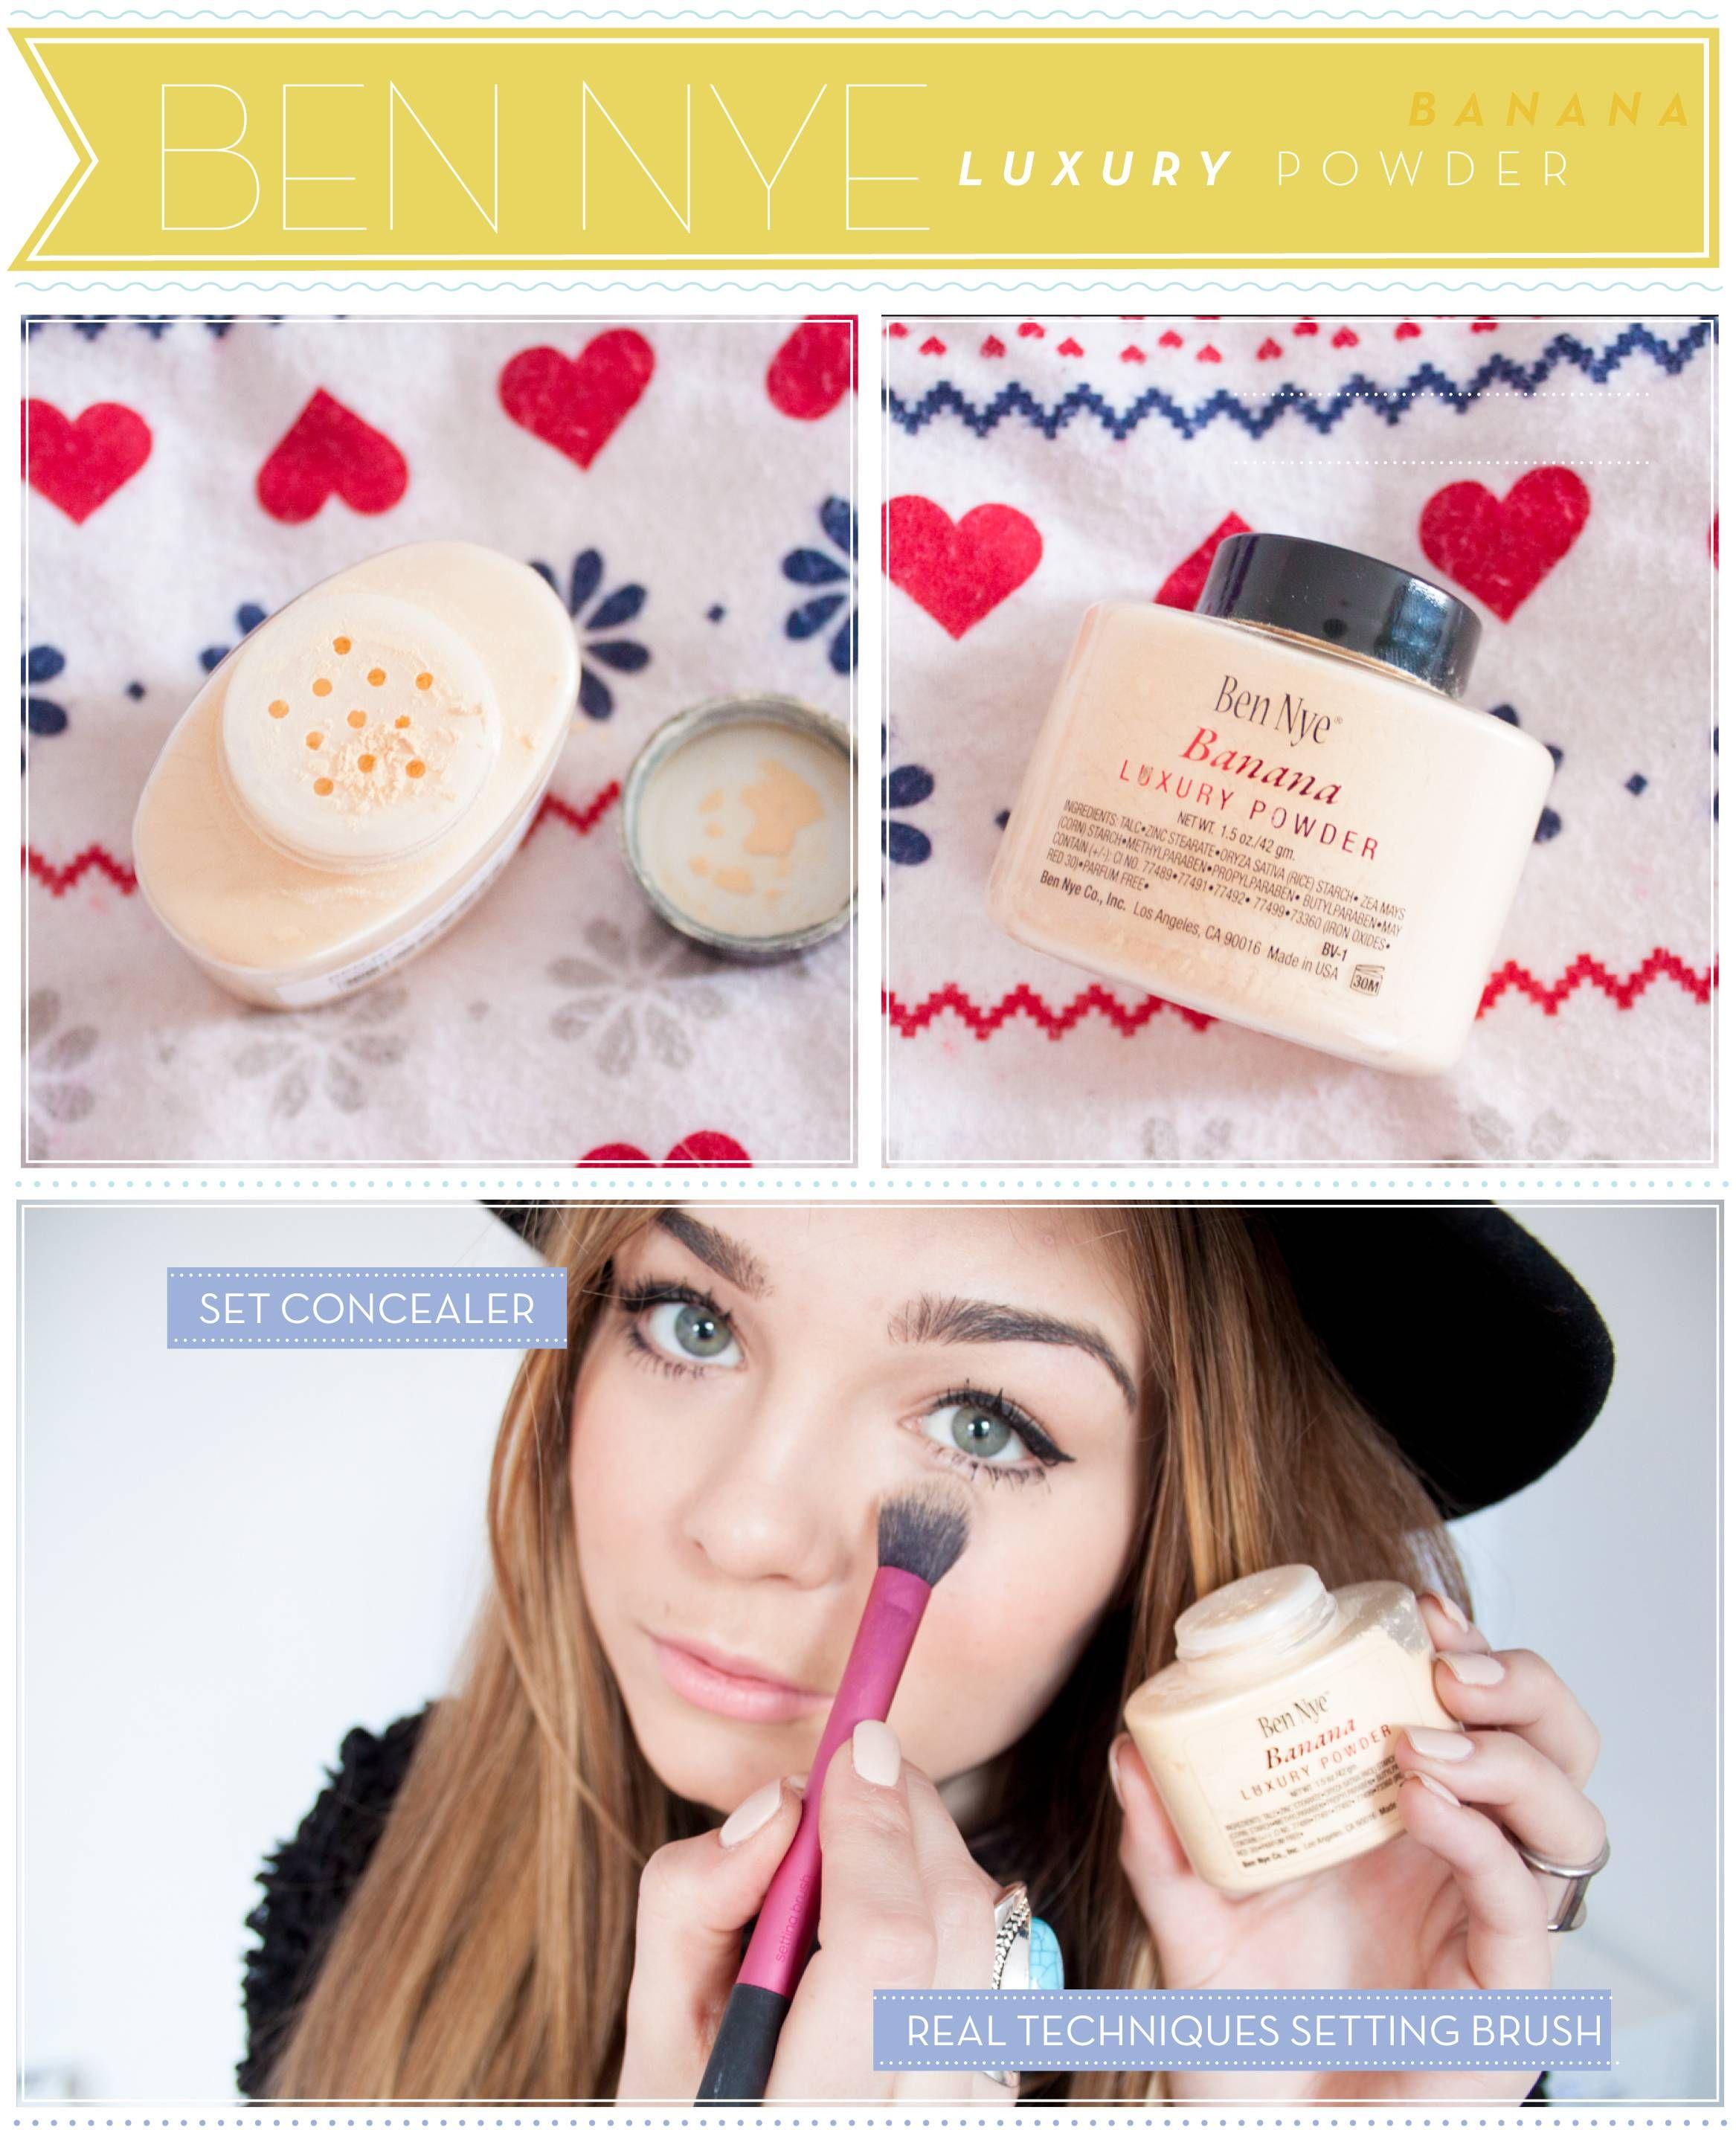 ETC LLYMLRS UK Beauty Blog Makeup Reviews Beauty Tips